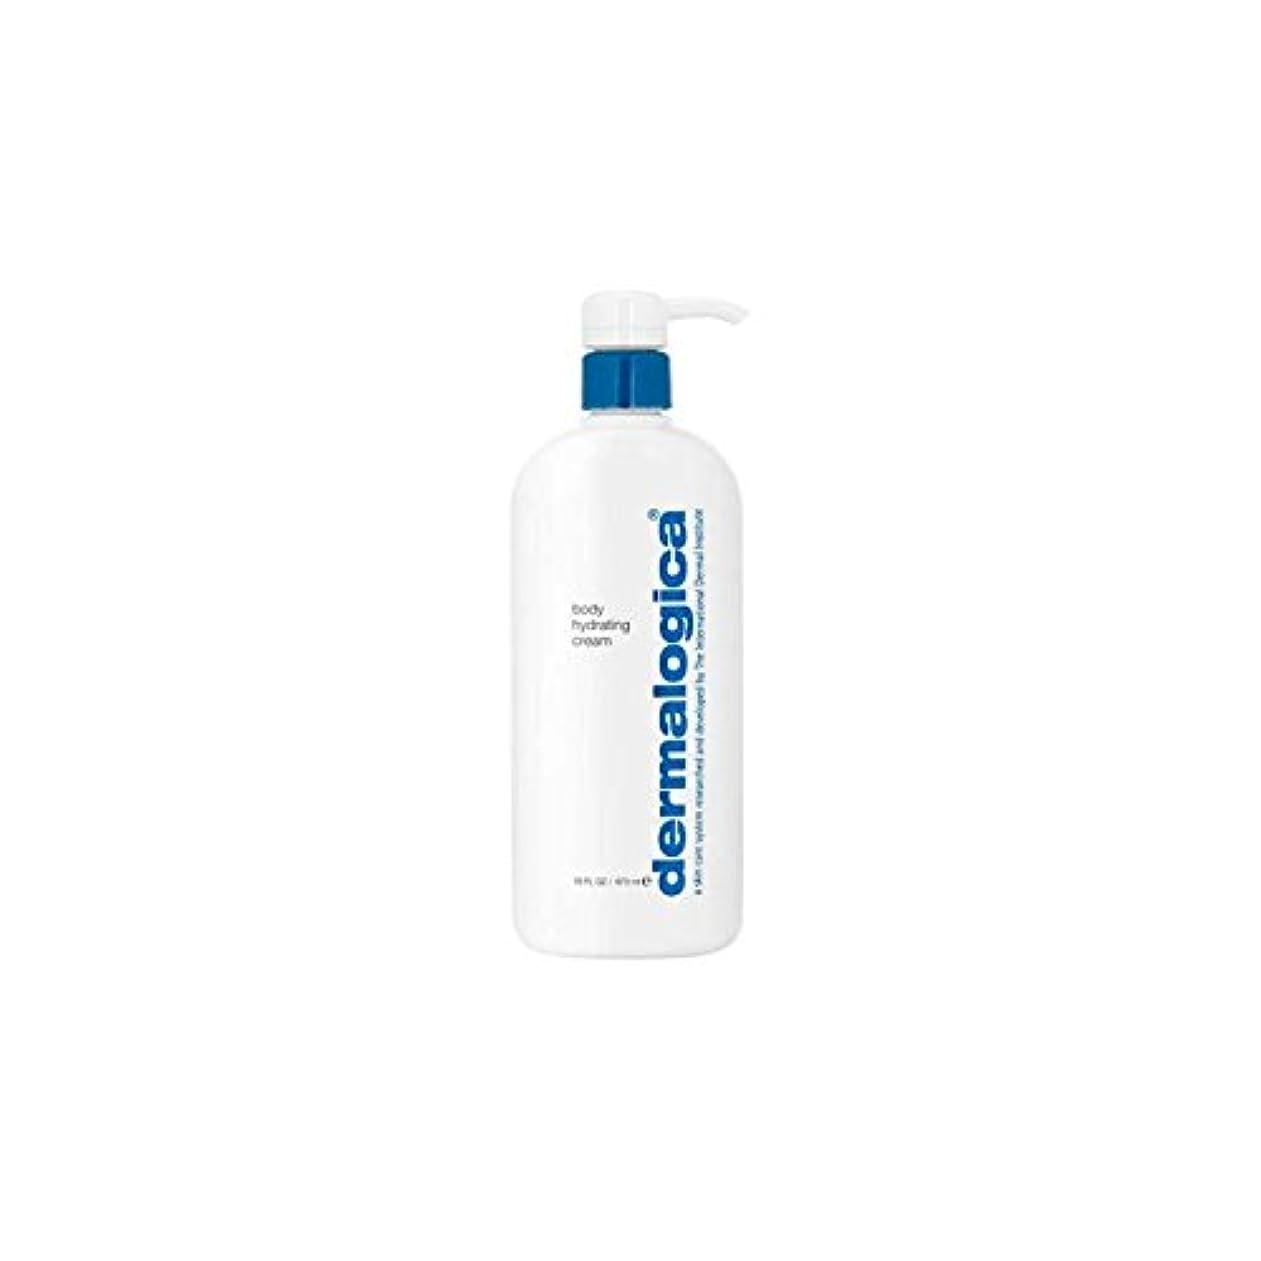 リングバック放出遠え[Dermalogica ] ダーマロジカボディハイドレイティングクリーム(473ミリリットル) - Dermalogica Body Hydrating Cream (473ml) [並行輸入品]